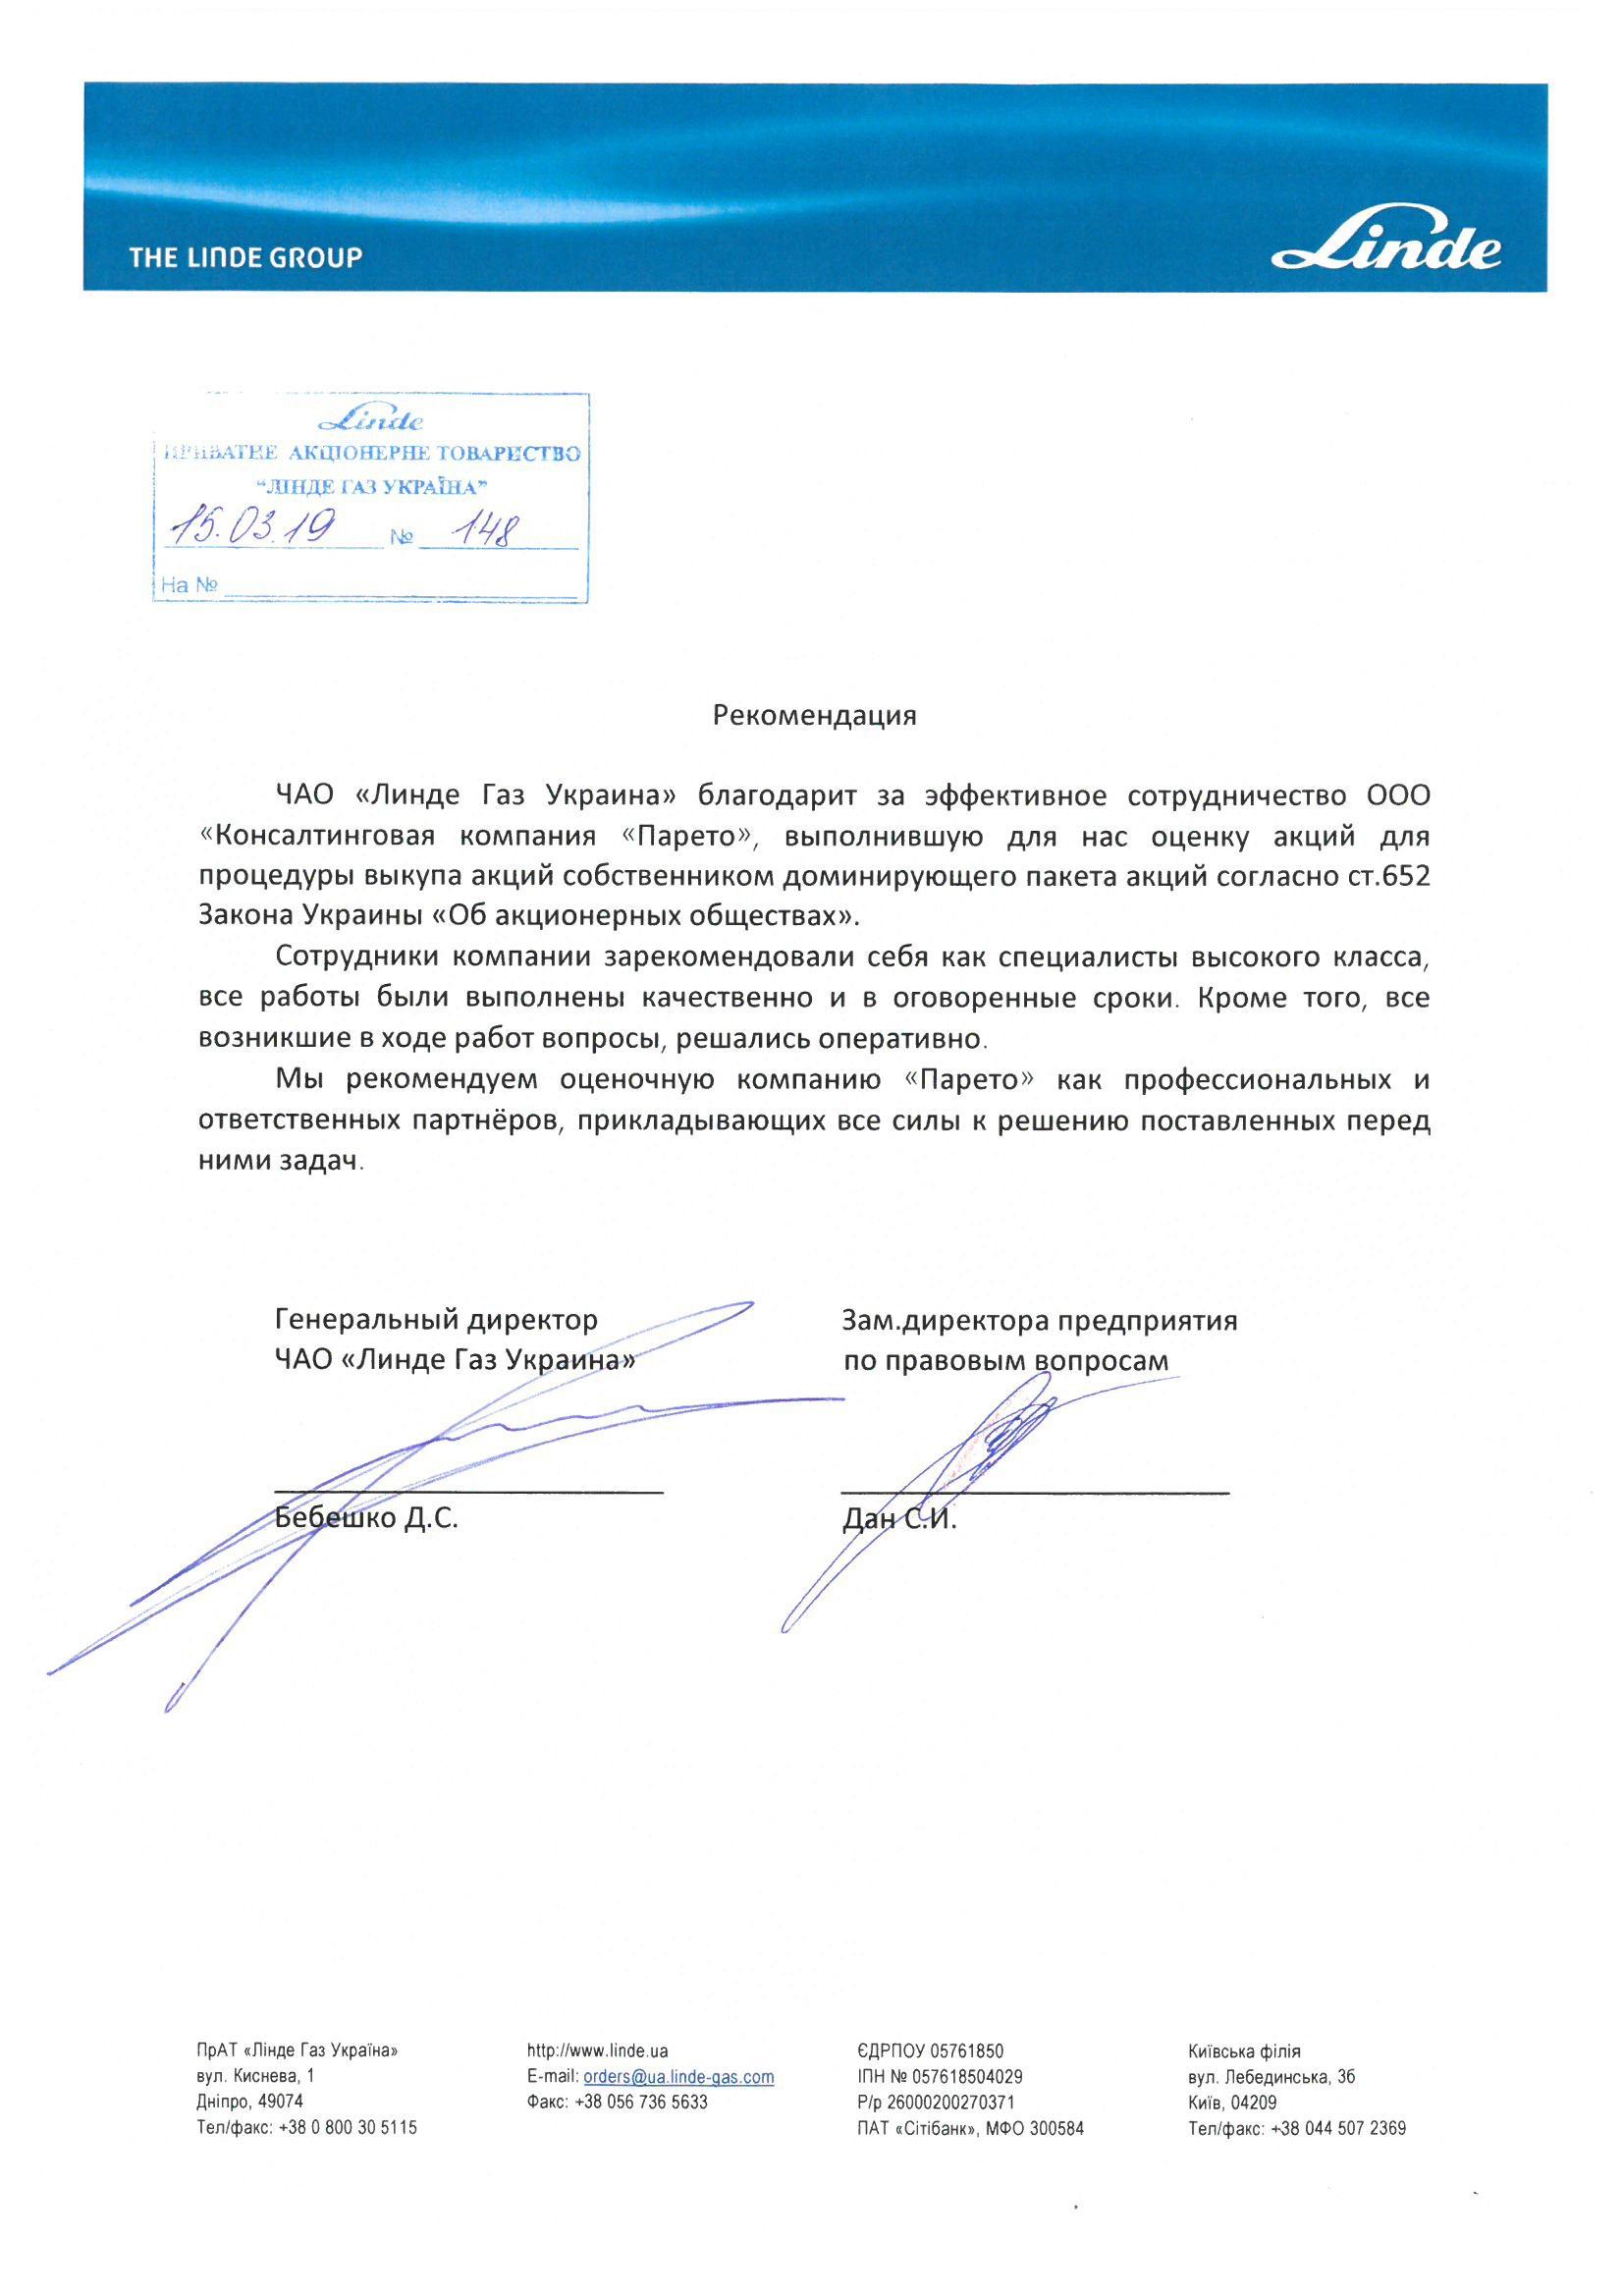 оценка машин и механизмов, Рекомендация от одного из крупнейших производителей мороженого и  замороженных продуктов в Украине ООО «Три медведя»